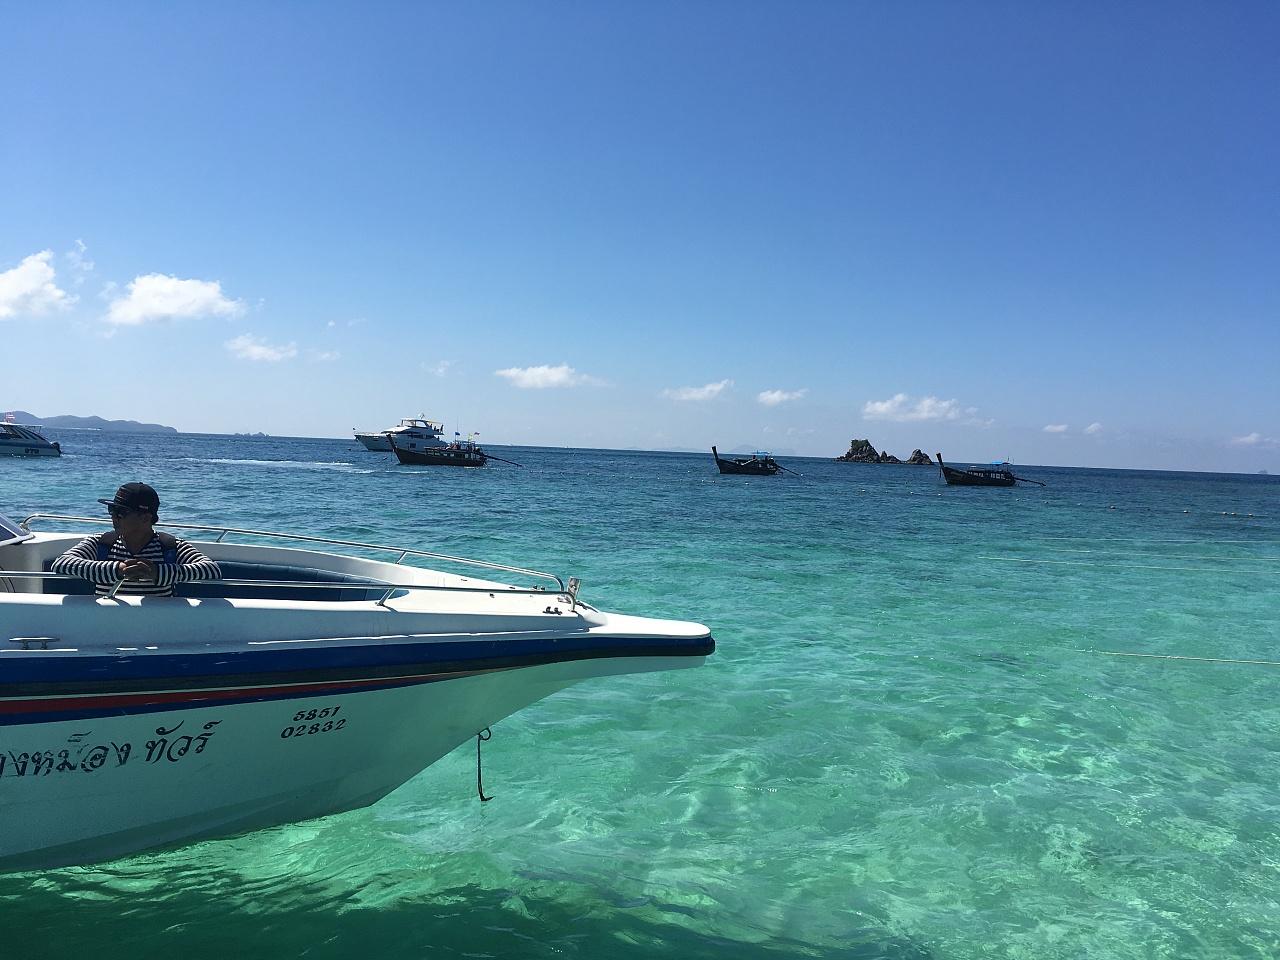 神仙半岛 神仙半岛街边小店 普吉岛出海的游艇上 普吉岛皇帝岛 普吉岛